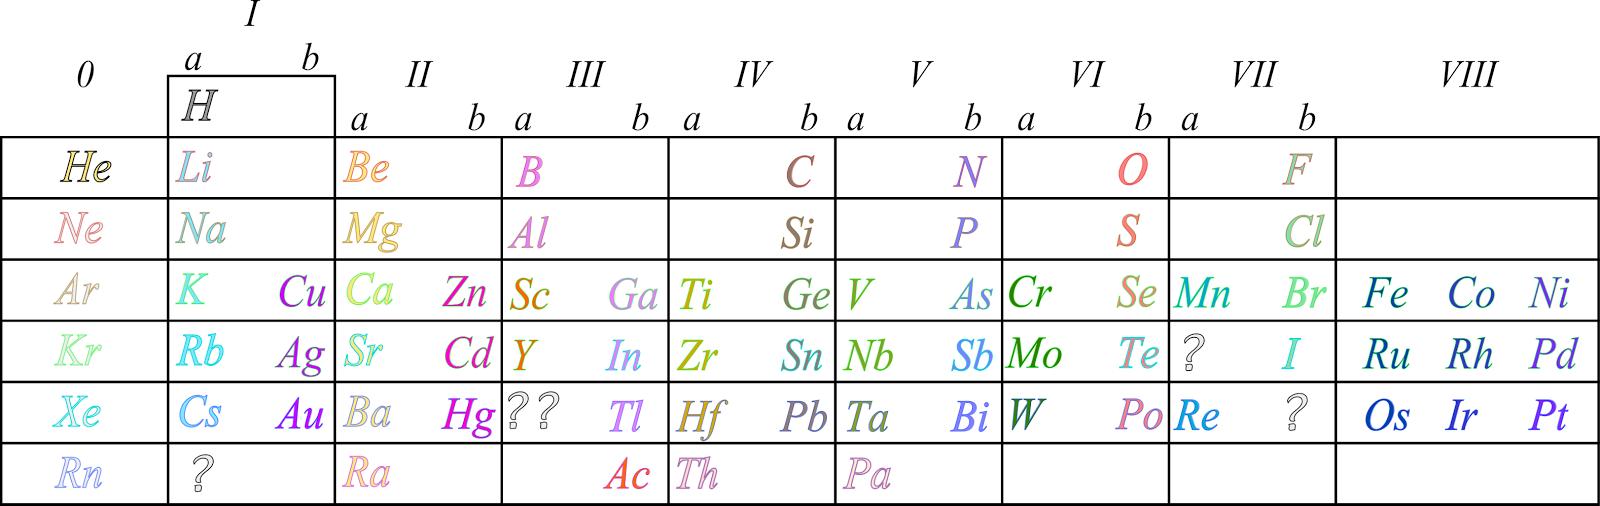 Ciencias de joseleg 2 historia de la tabla peridica moseley tambin demostr que existan huecos en la tabla peridica para los elementos de carga 43 y 61 conocidos actualmente como el tecnecio y el prometio urtaz Image collections